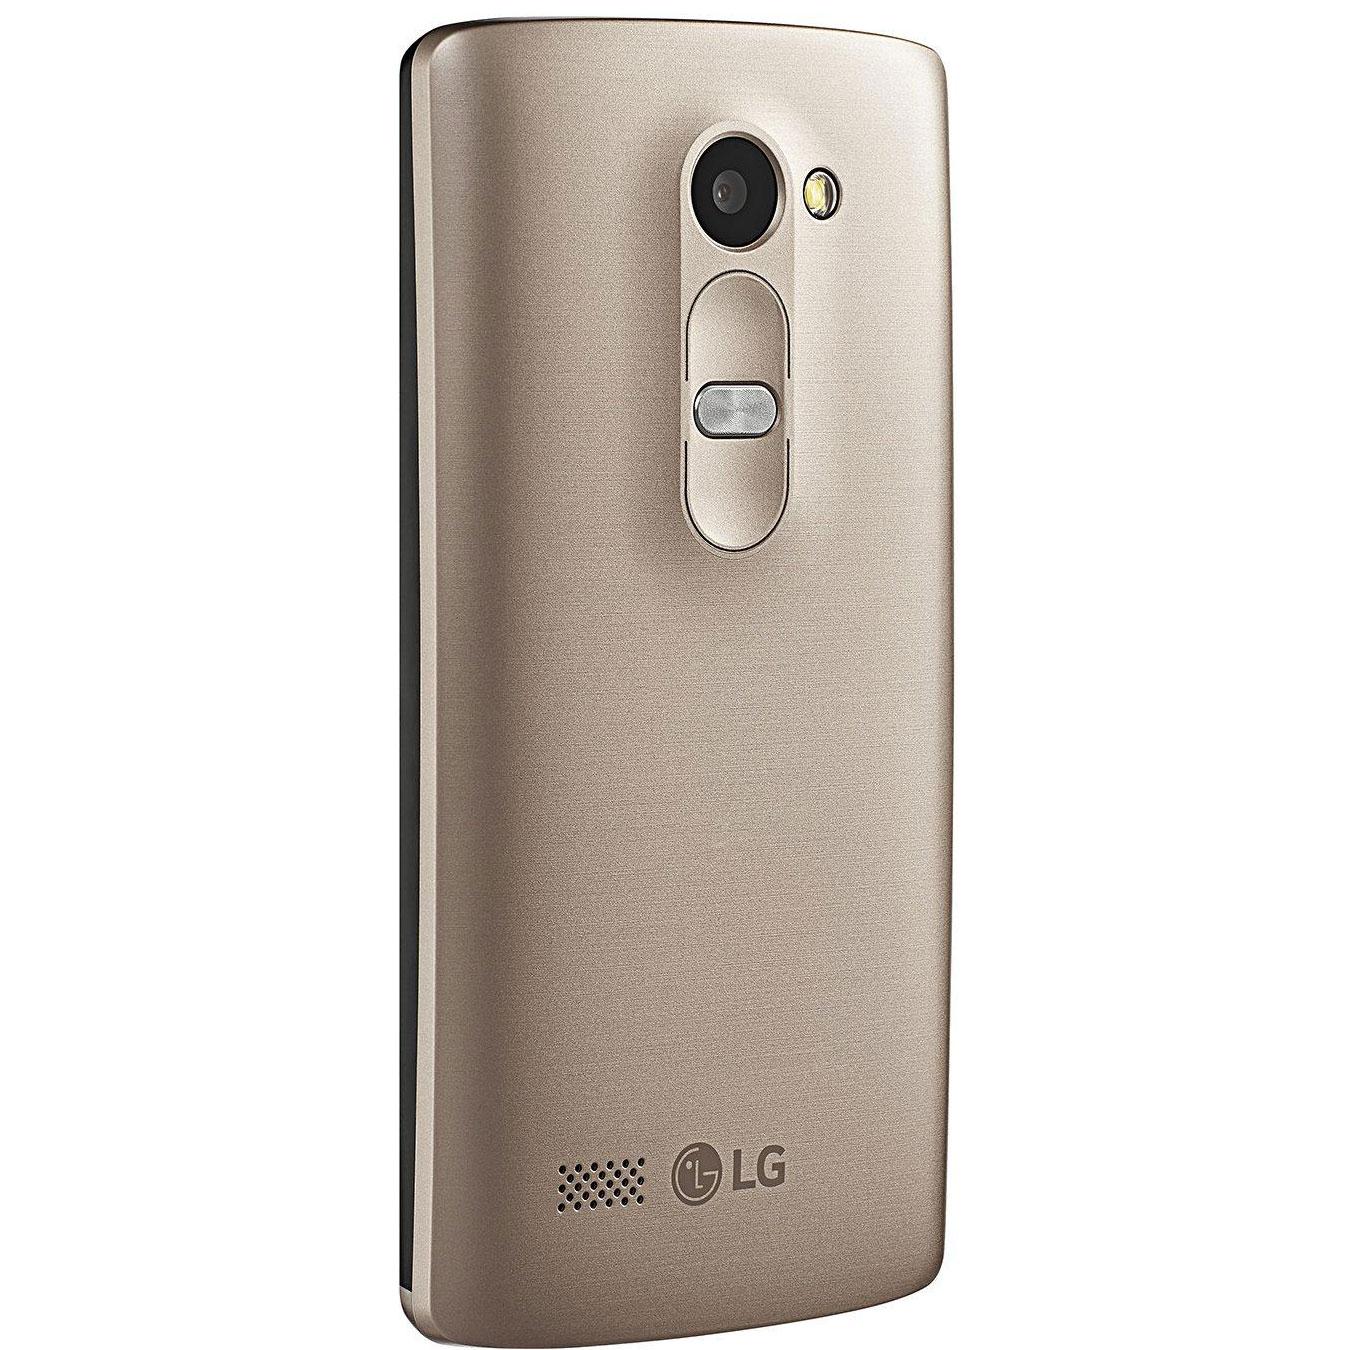 SIM Free LG Leon CK50 Unlocked - 8GB - Gold